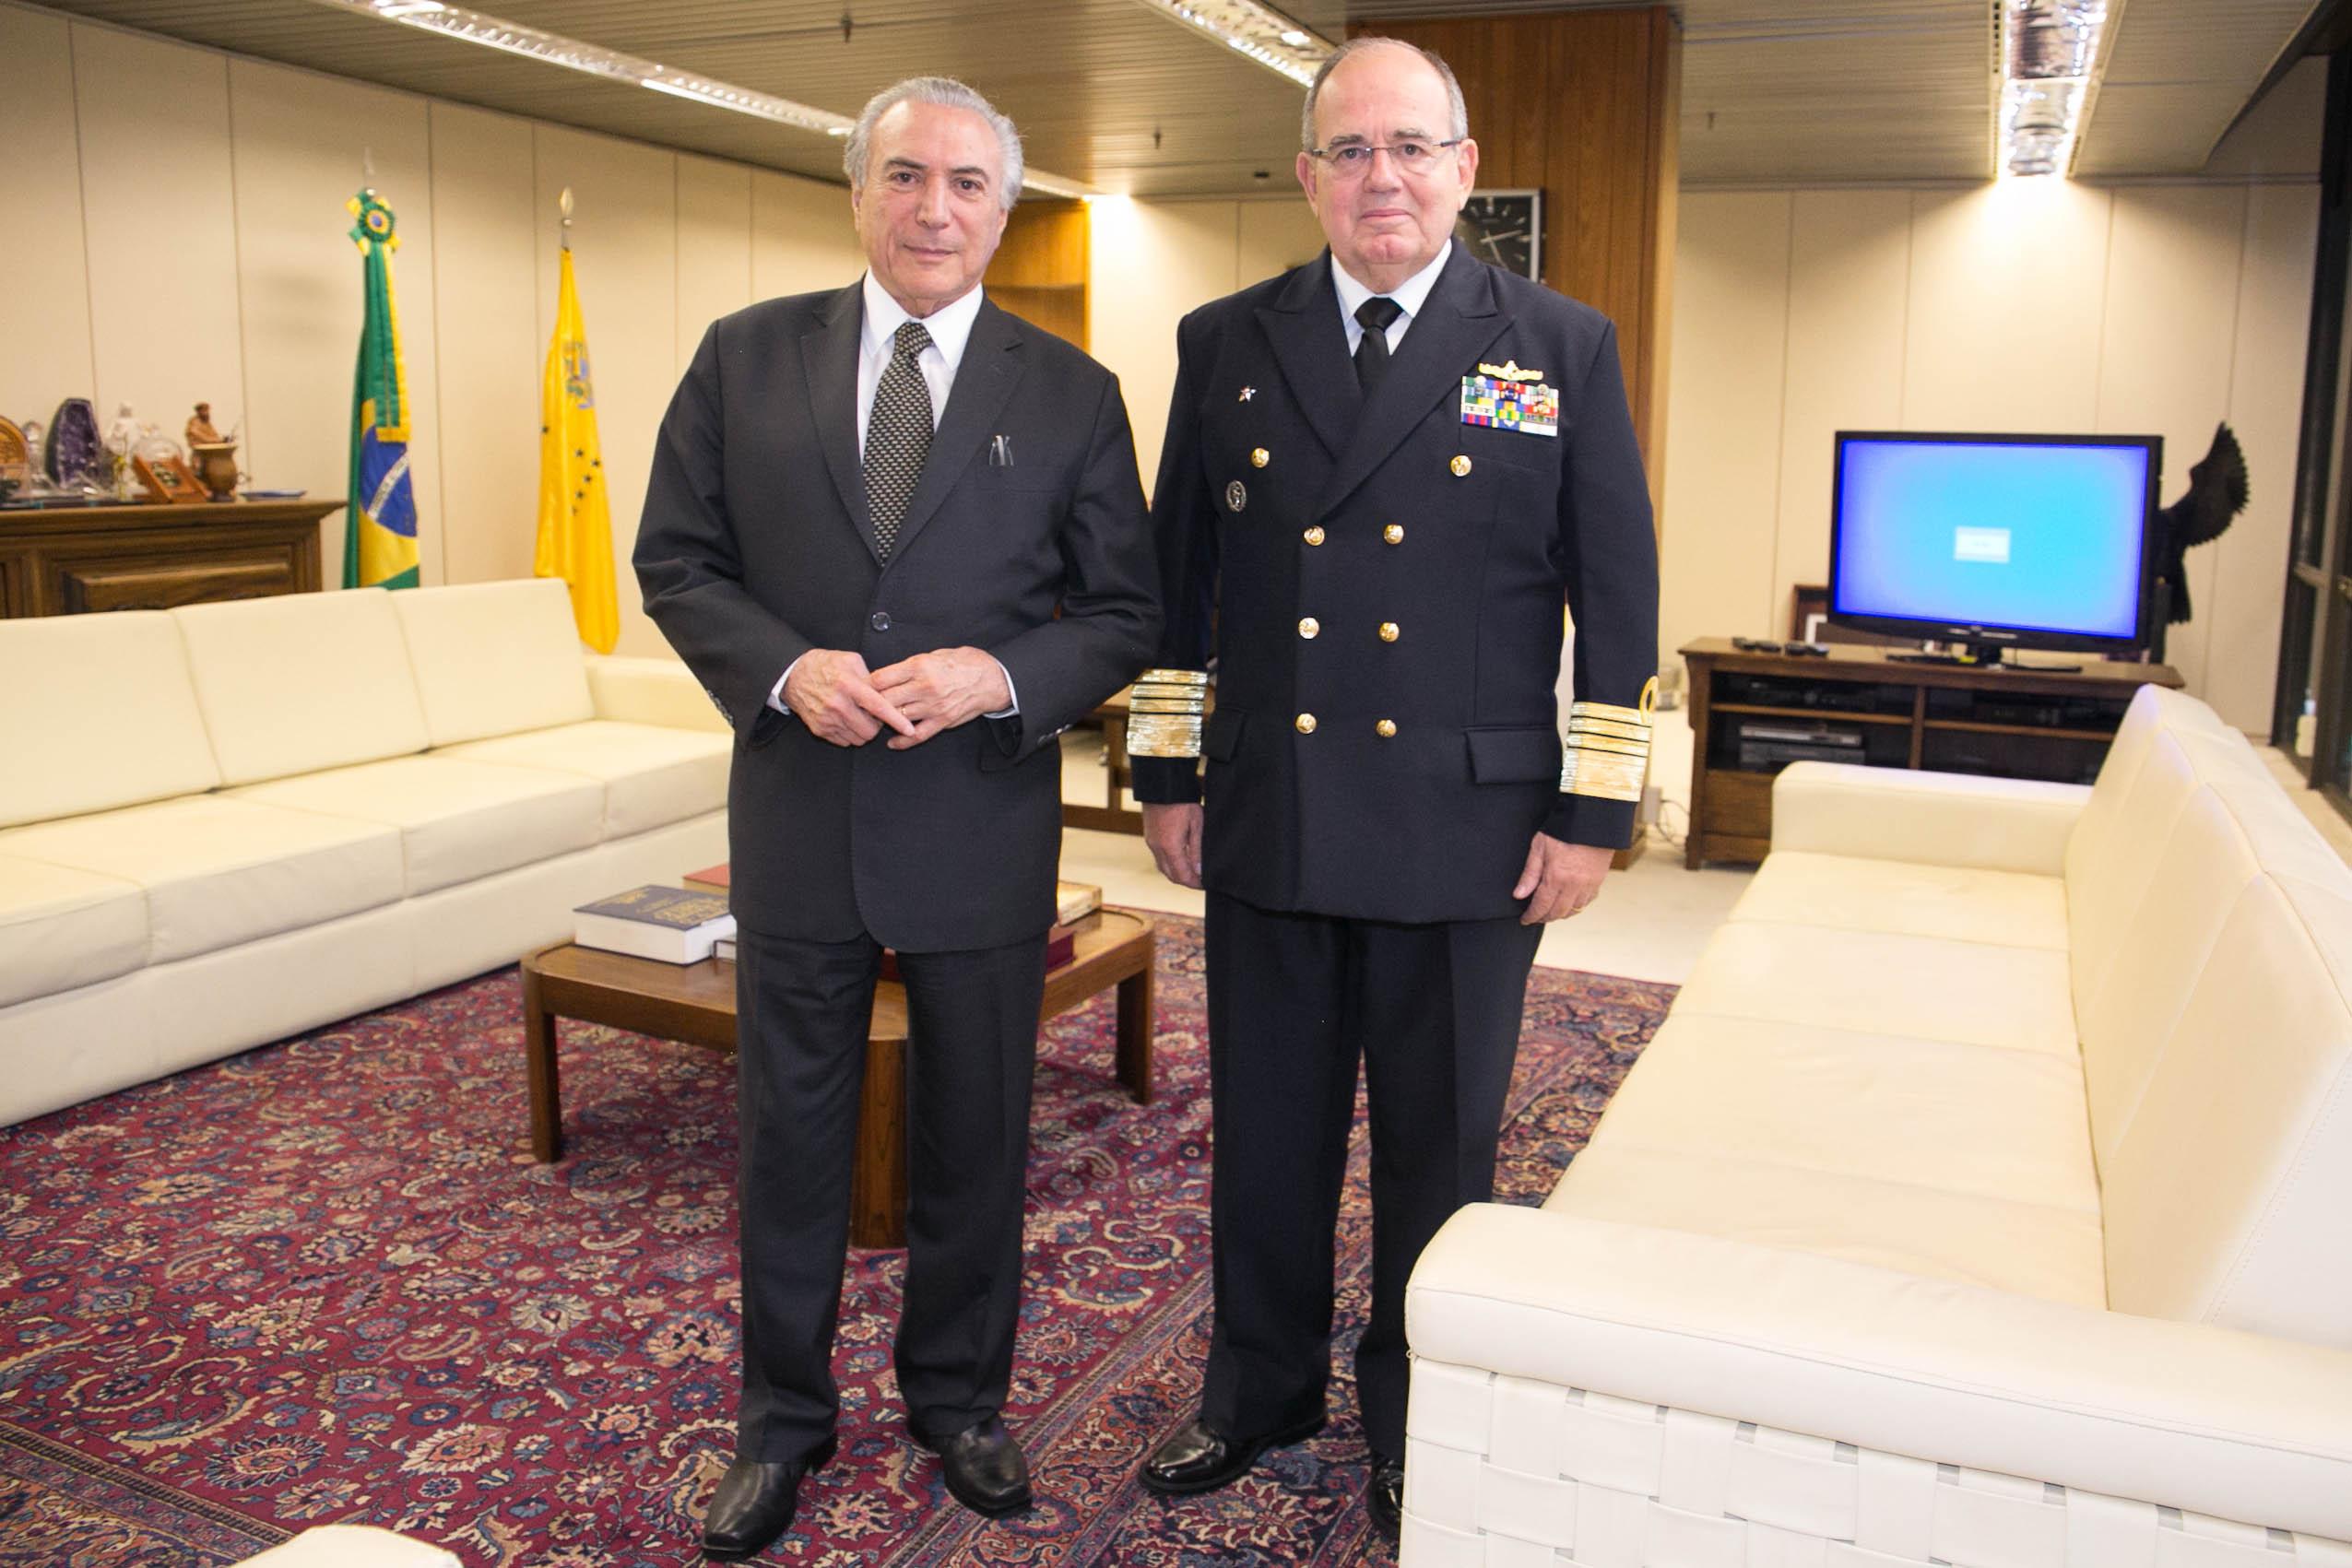 EXCLUSIVO: Restrições orçamentárias previstas para 2017 levam gestão Leal Ferreira a rever metas de reaparelhamento da Marinha